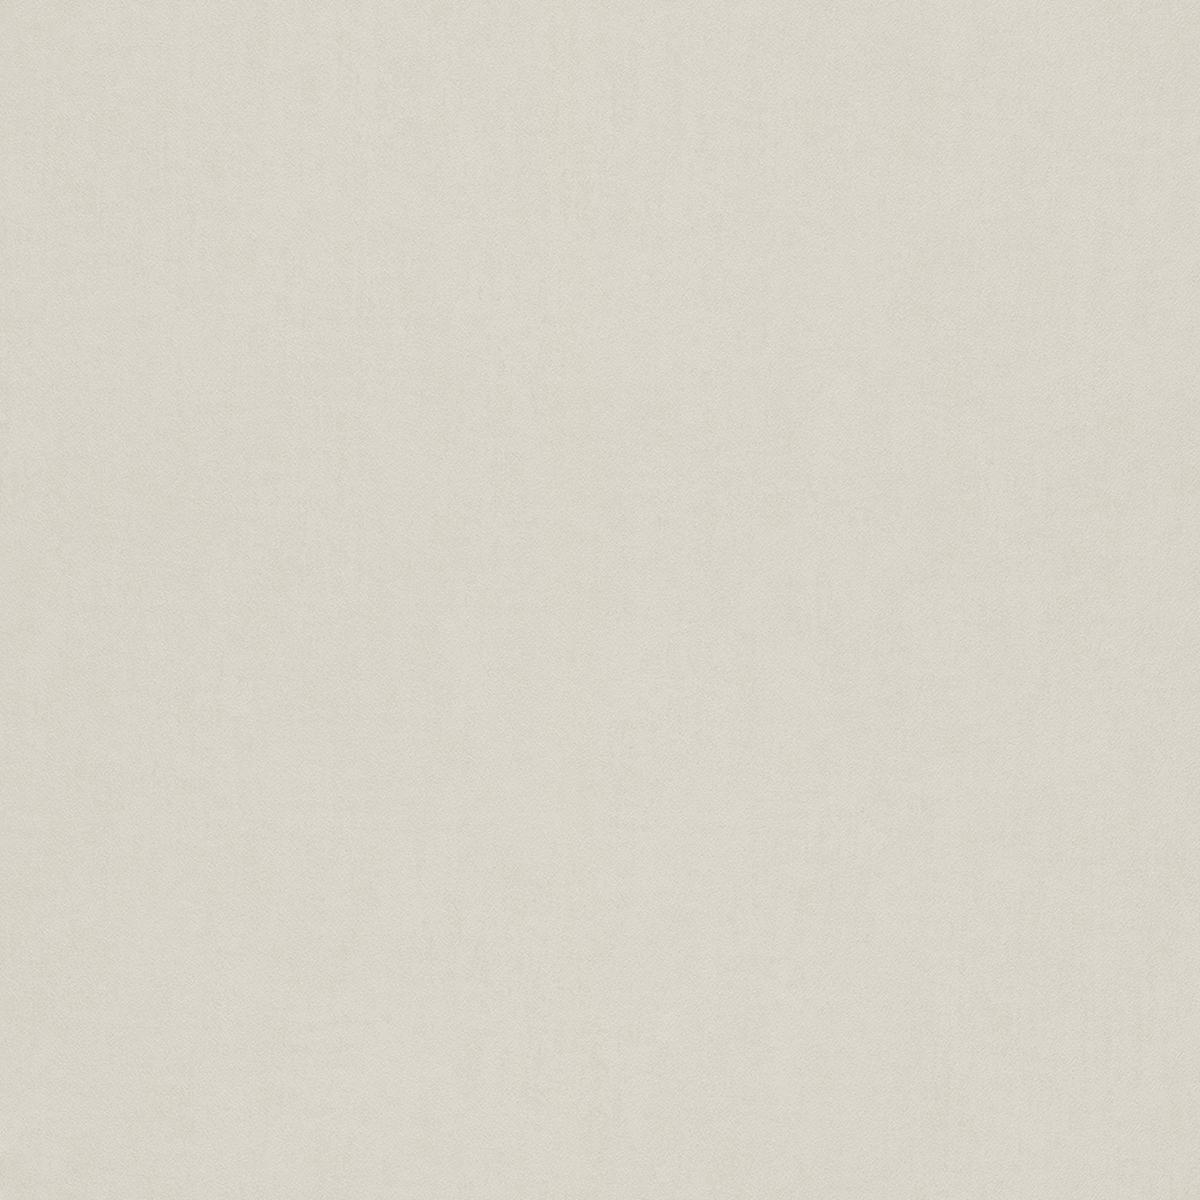 тапет Кидс&Тийнс3 мазилка крем (Кидс&Тийнс2)